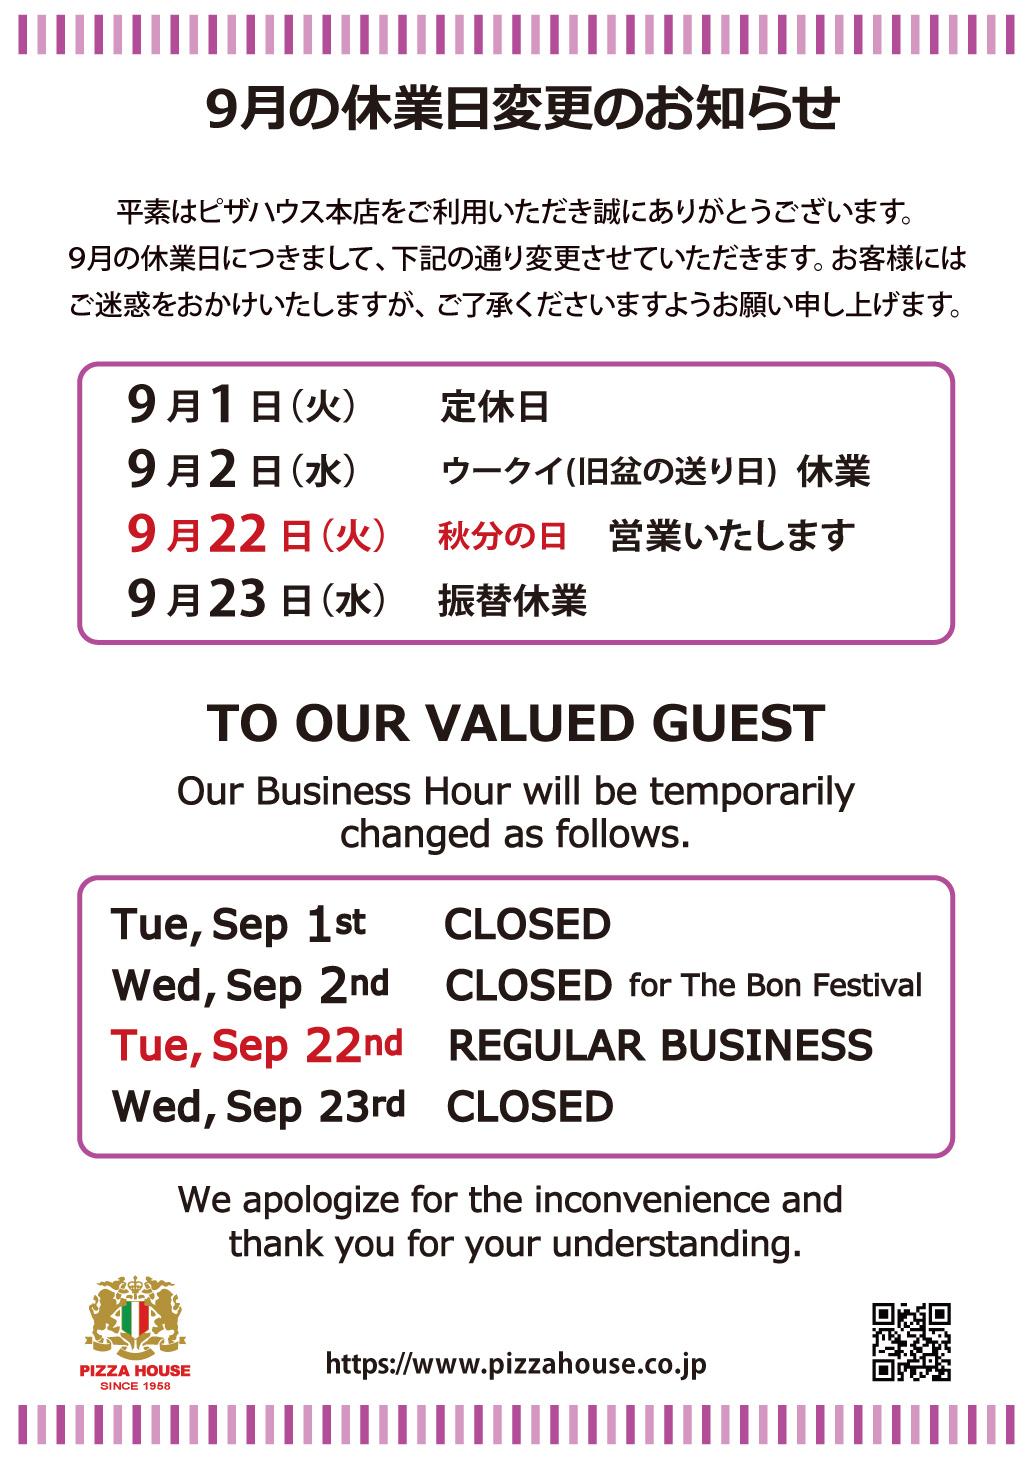 9月の休業日変更のお知らせ